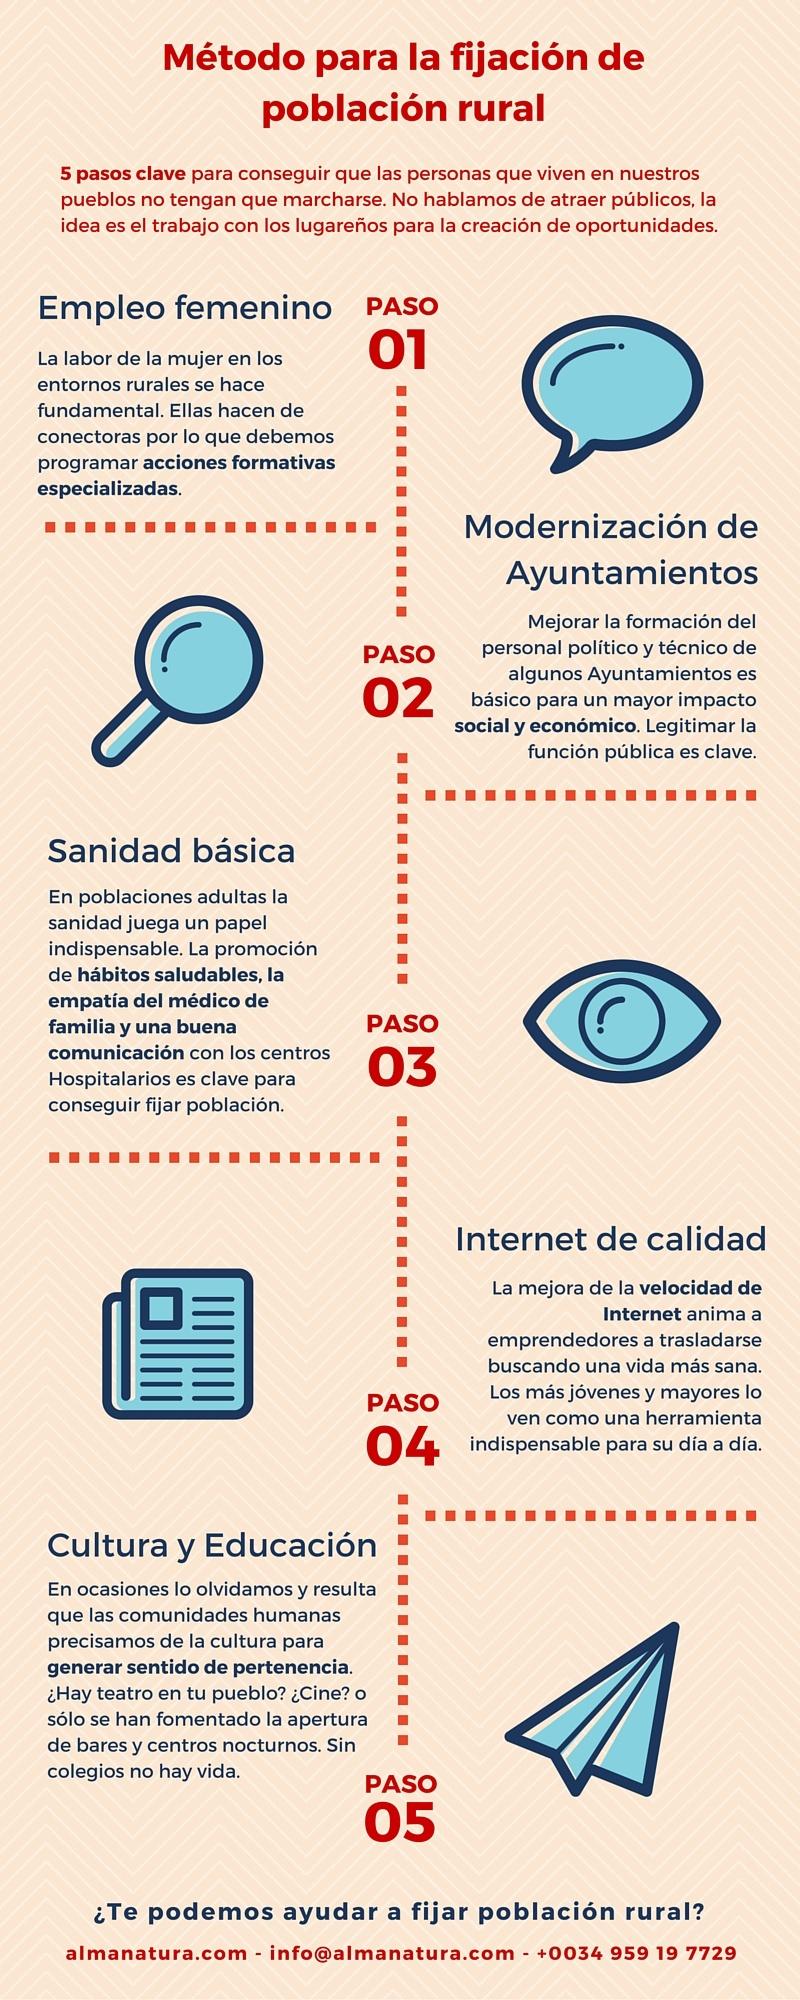 Metodo_fijar_poblacion_rural